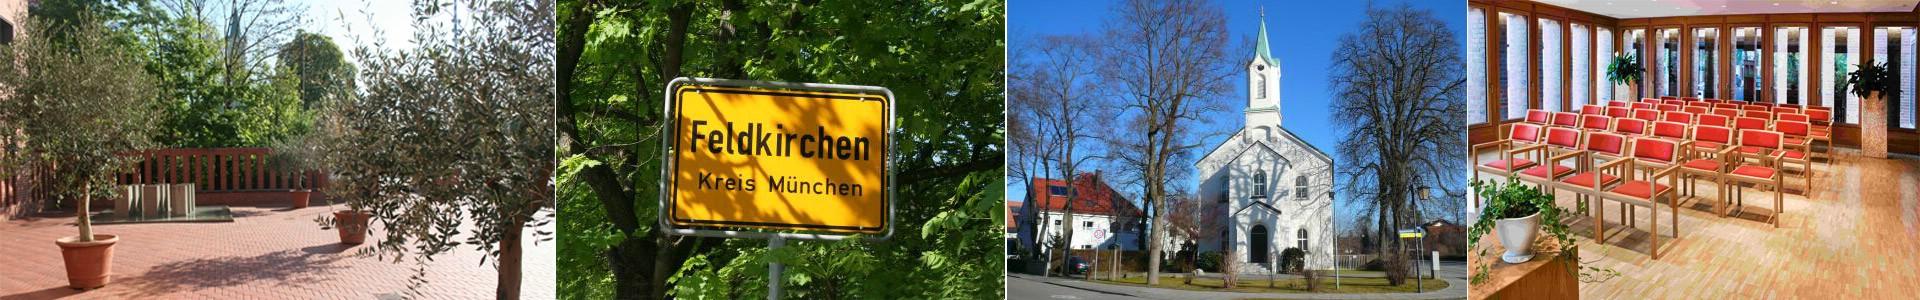 Gemeindebücherei Feldkirchen